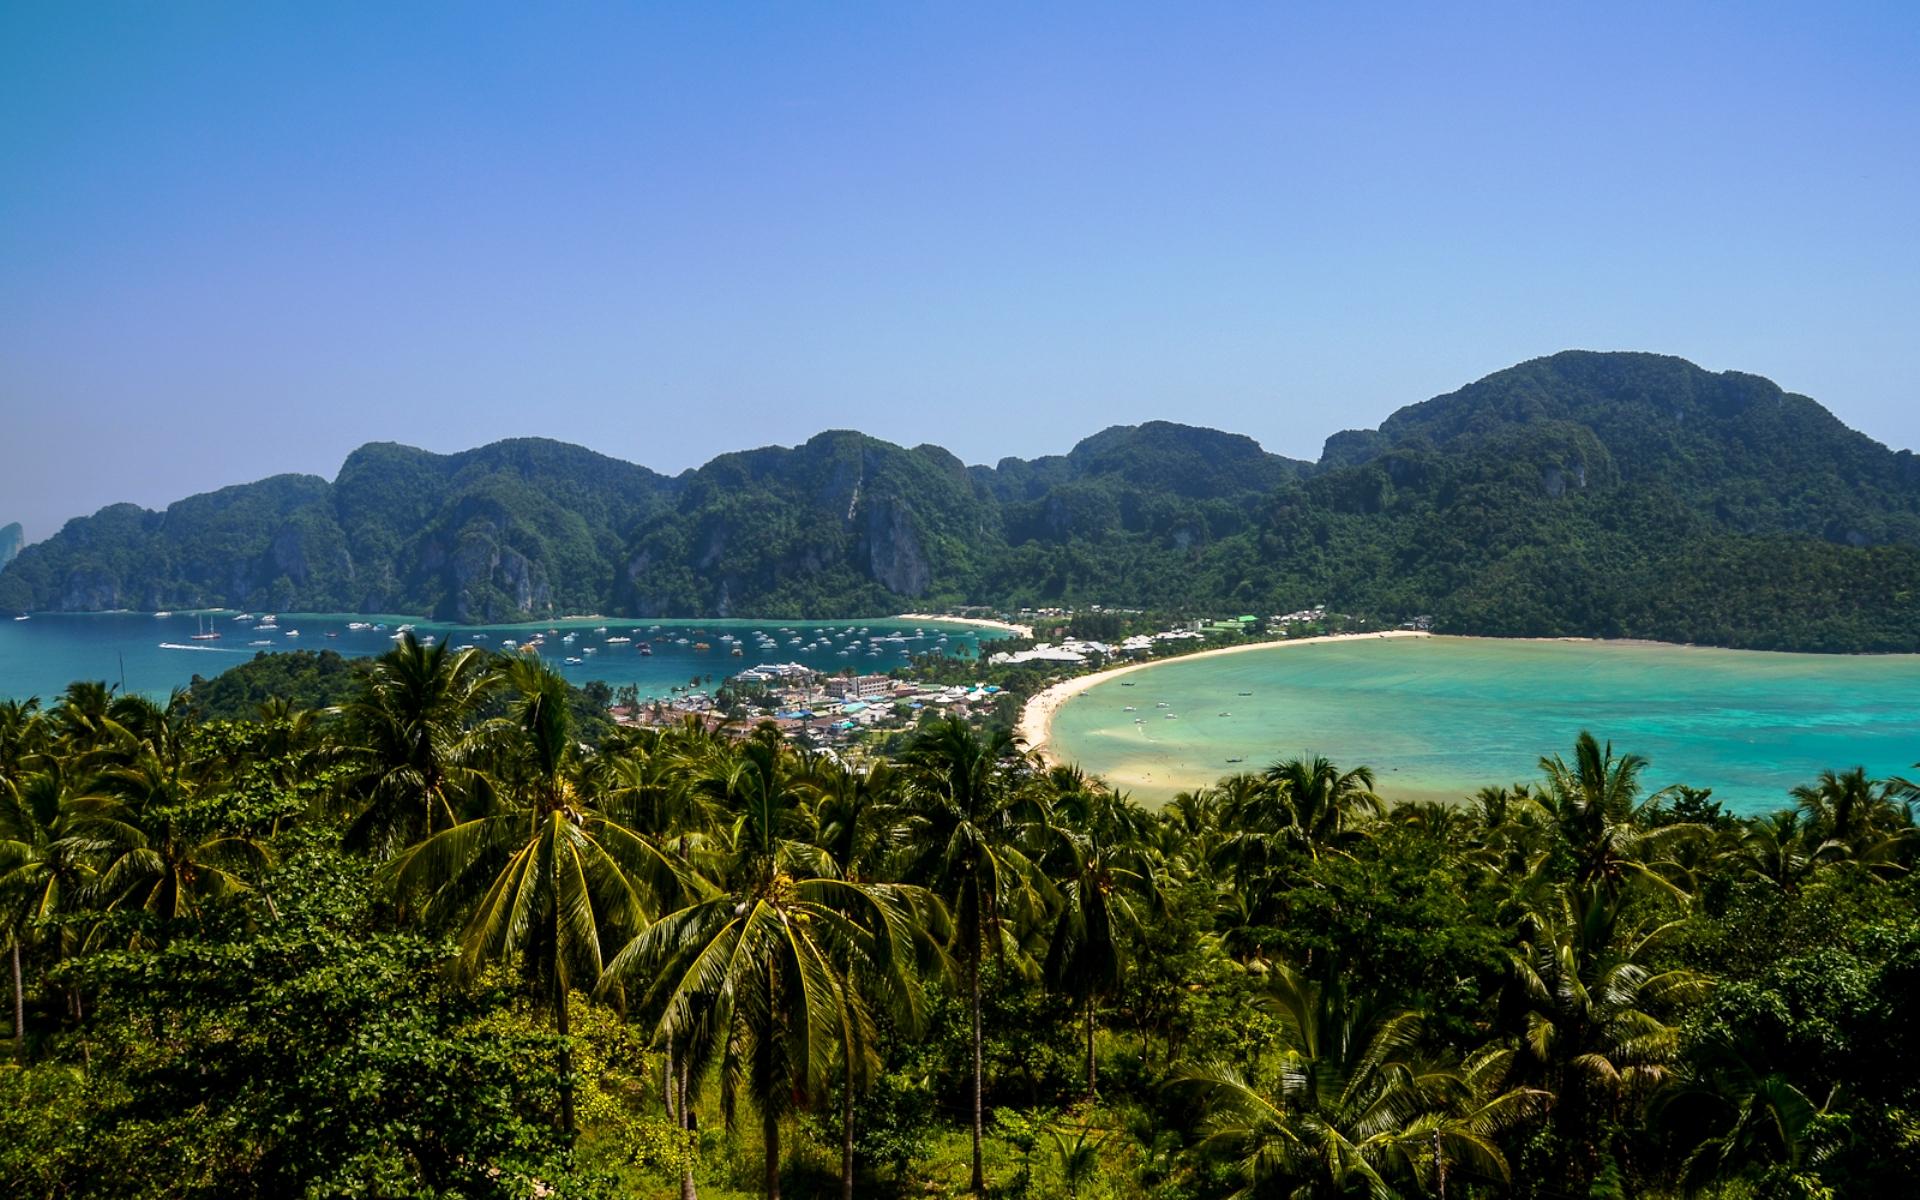 Картинки по запросу архипелаг пхи пхи таиланд манки